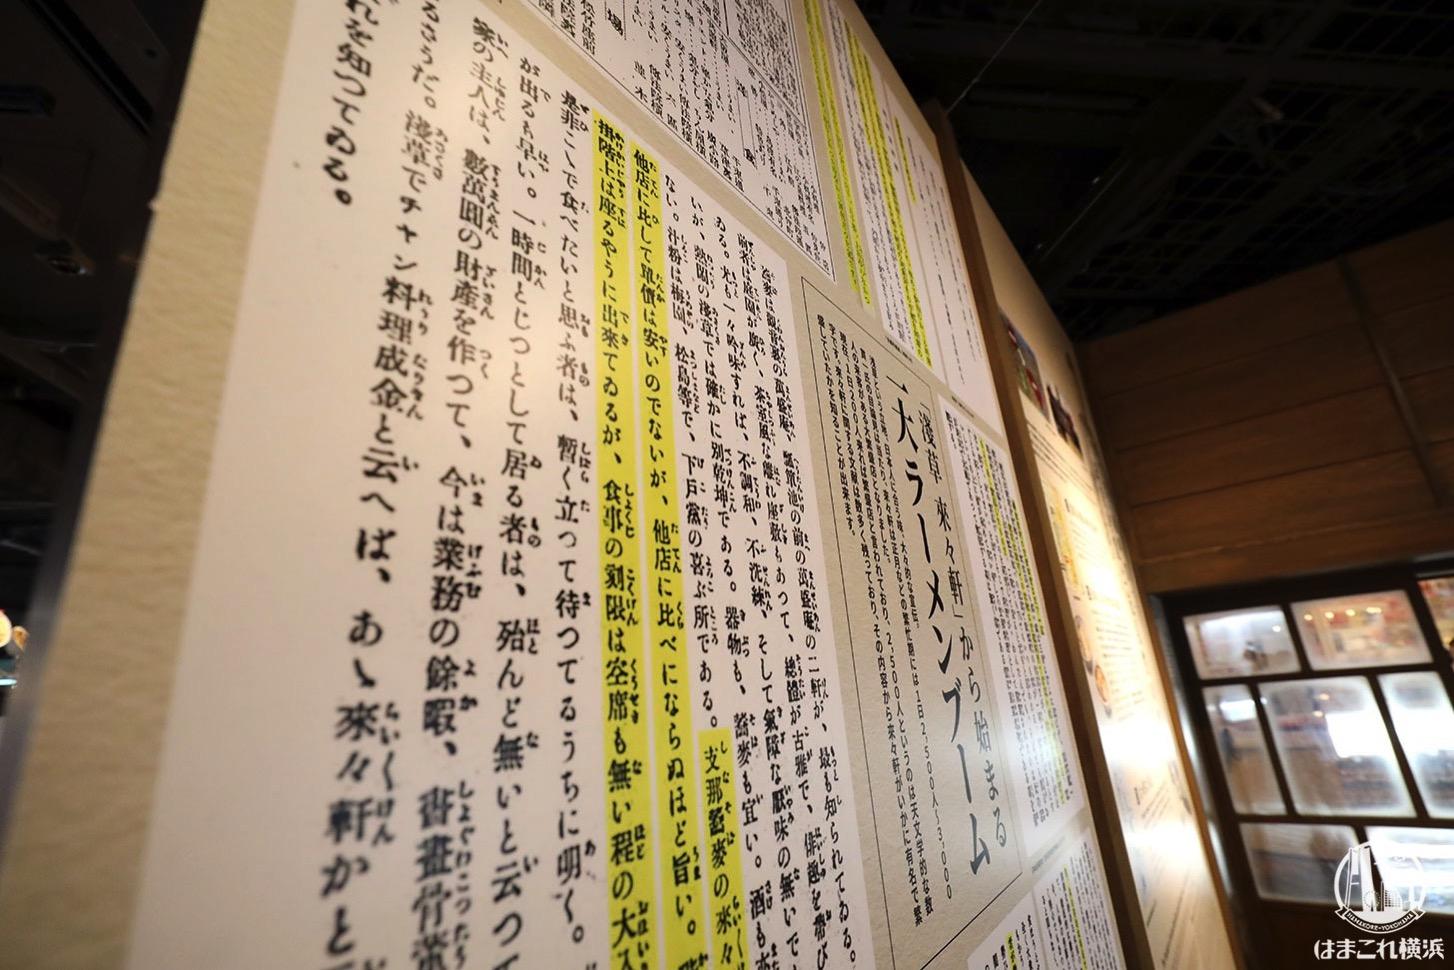 浅草 來々軒 日本初のラーメンブーム